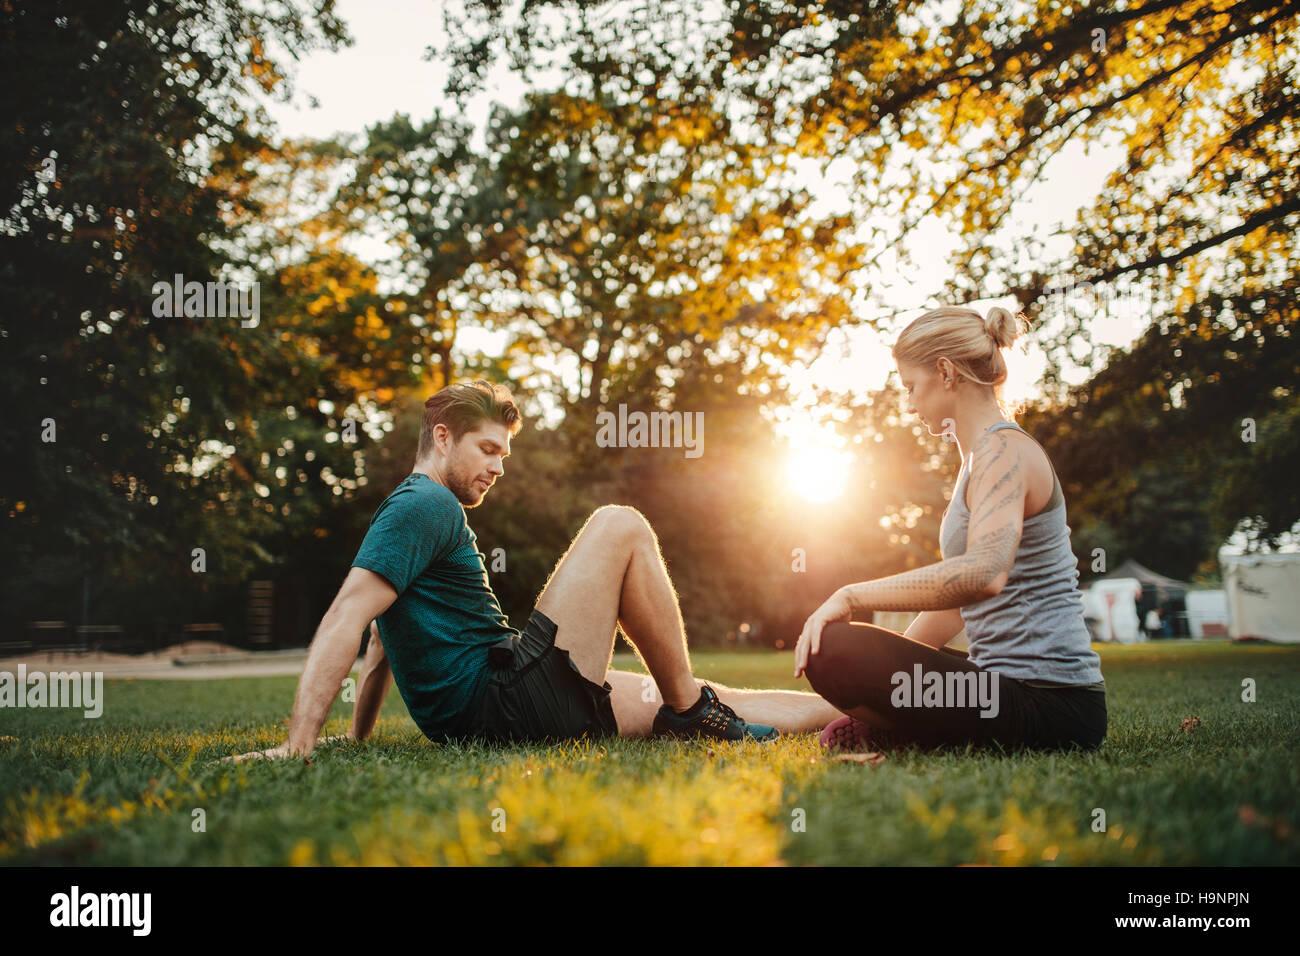 Schuss von junges Paar im Park sitzen und arbeiten. Mann und Frau im Park Morgen trainieren. Stockbild